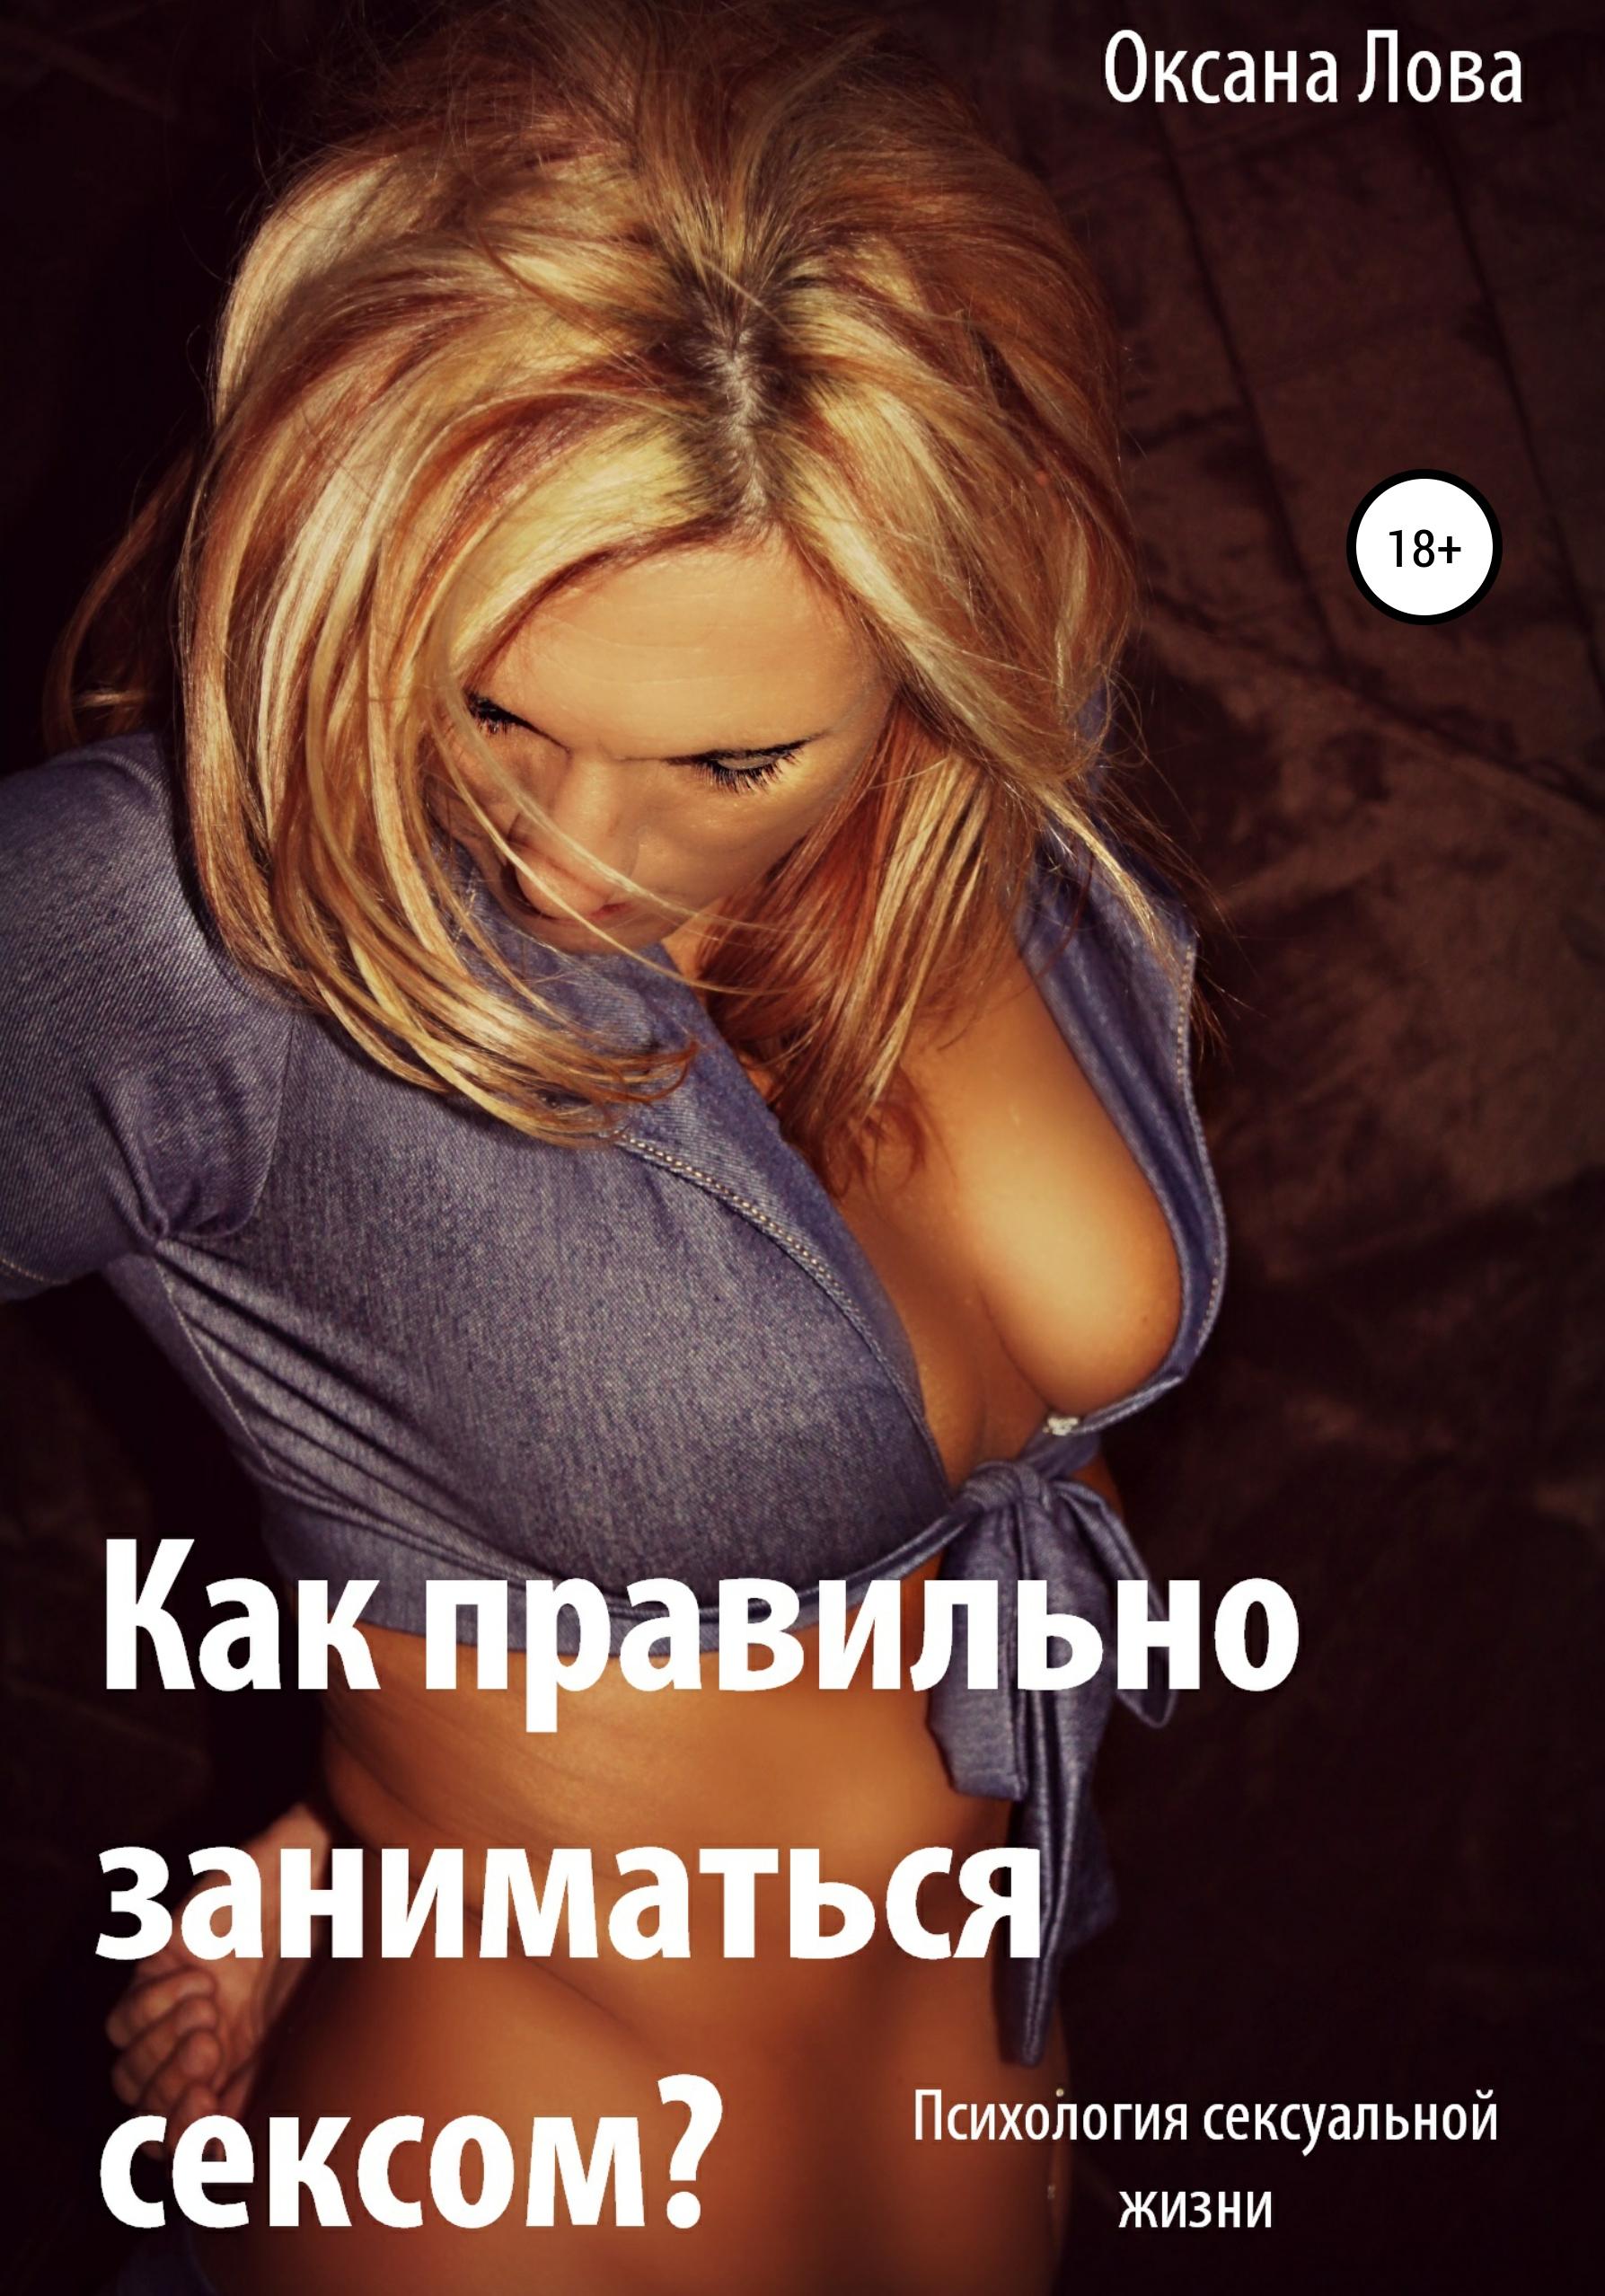 Купить книгу Психология сексуальной жизни. Как правильно заниматься сексом?, автора Оксаны Владимировны Ловы